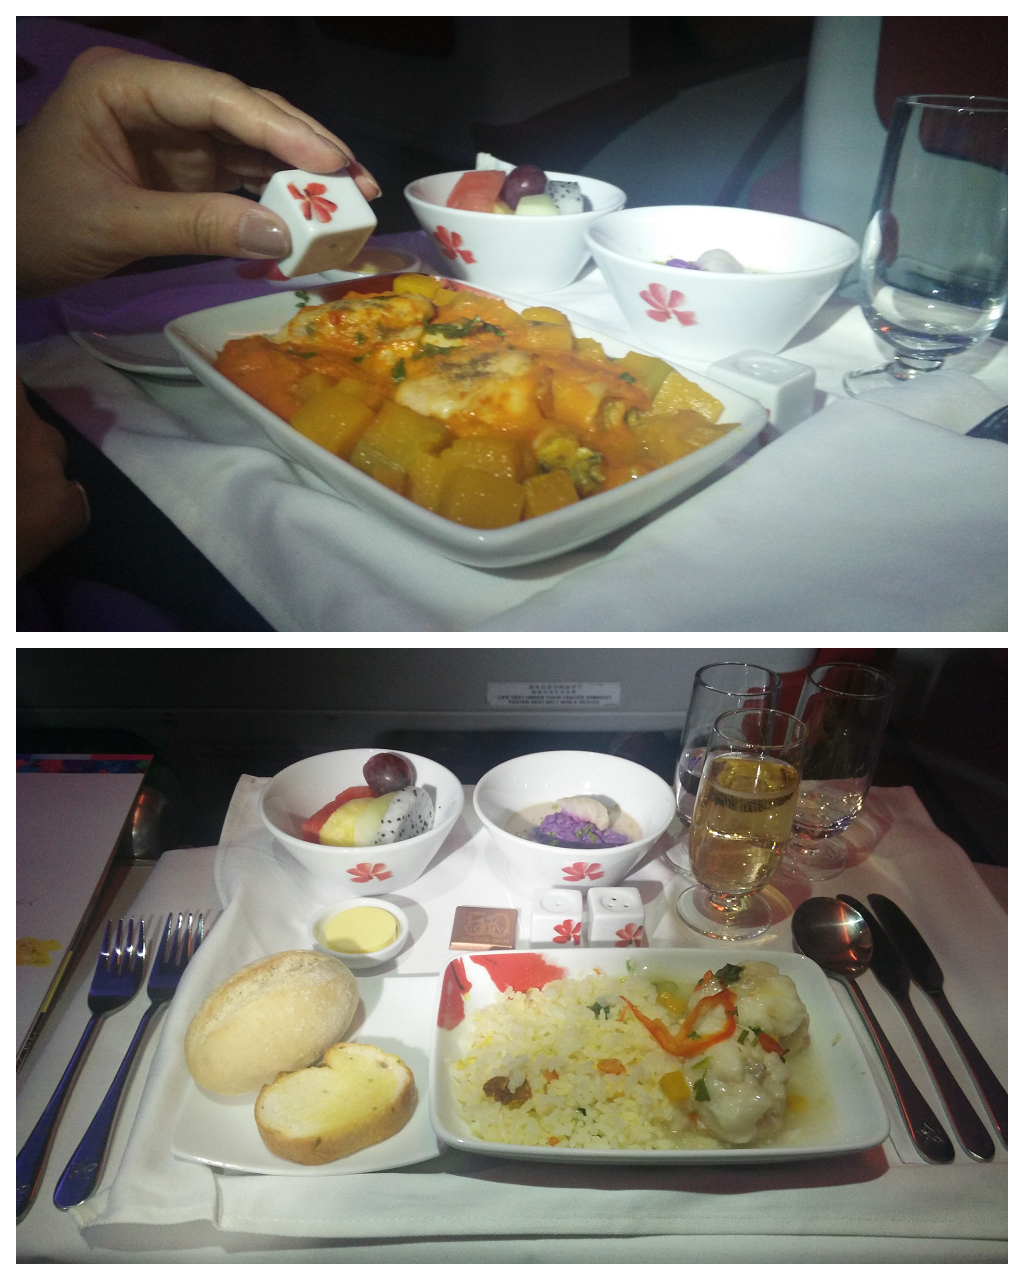 黑老闆說︱香港航空A330-300商務艙回程的晚餐,翡翠夜明珠炒飯很好吃。